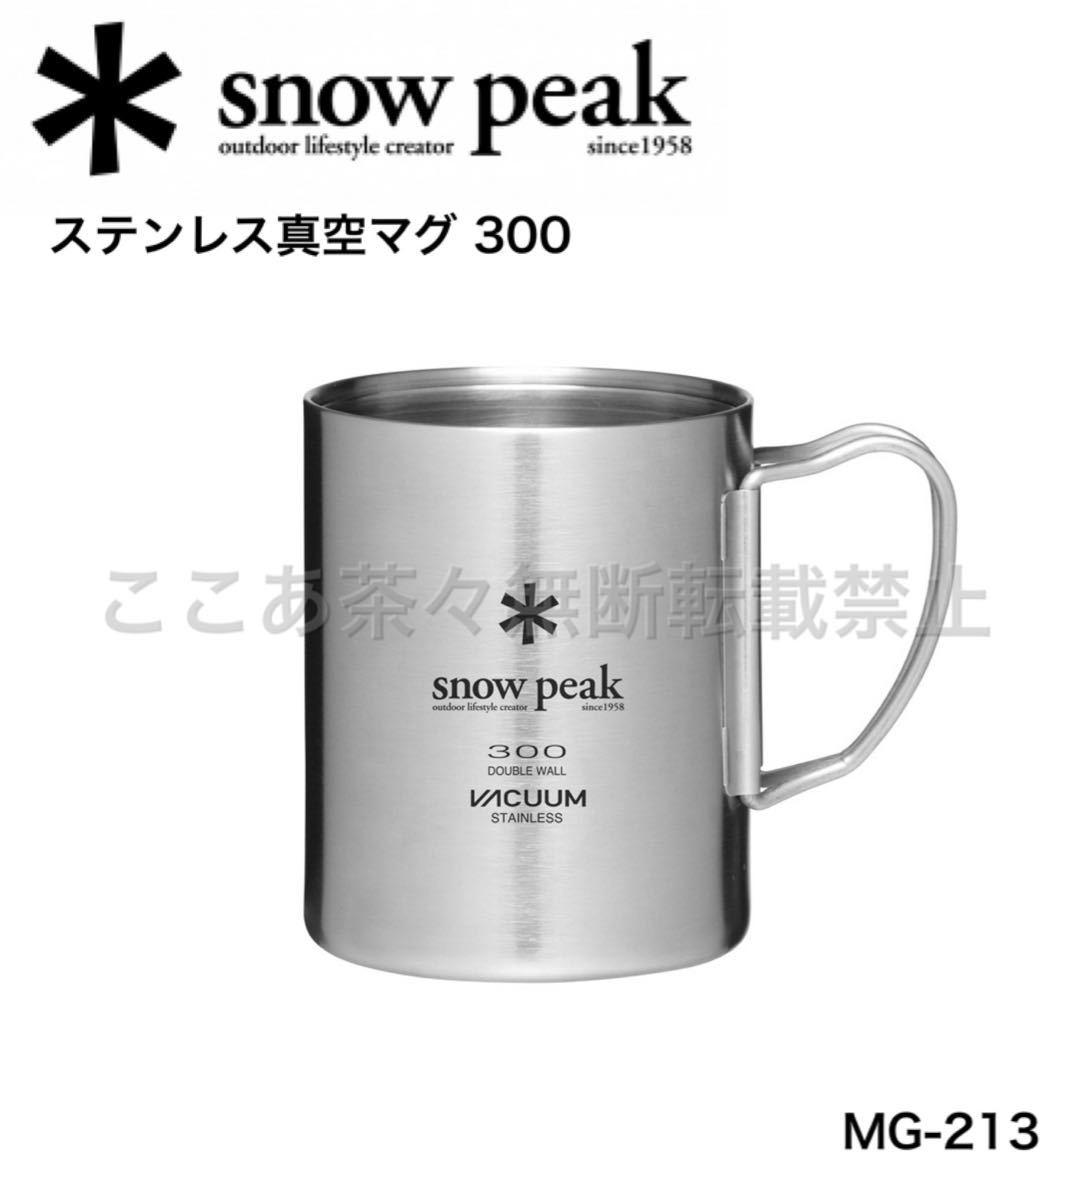 スノーピーク(snow peak)ステンレス真空マグ 300  MG-213